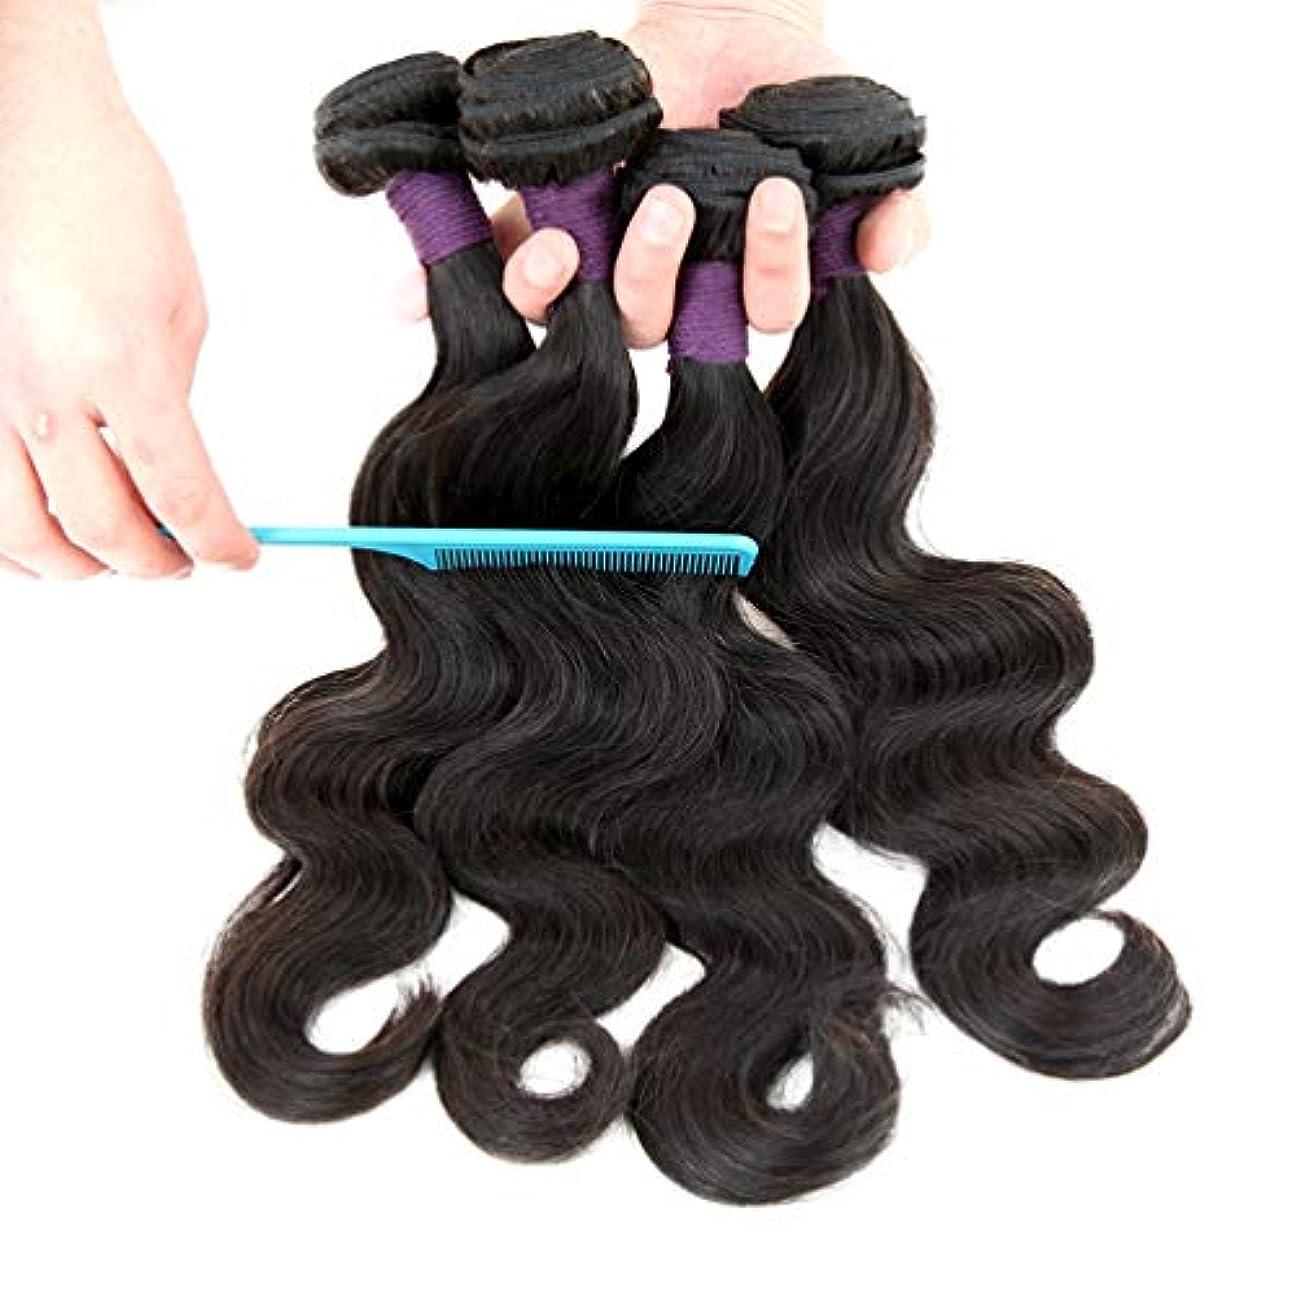 メロドラマティック有限もう一度女性の髪織りブラジルの髪の束体波バージン髪織り赤ちゃんの髪の自由な部分自然色(3バンドル)